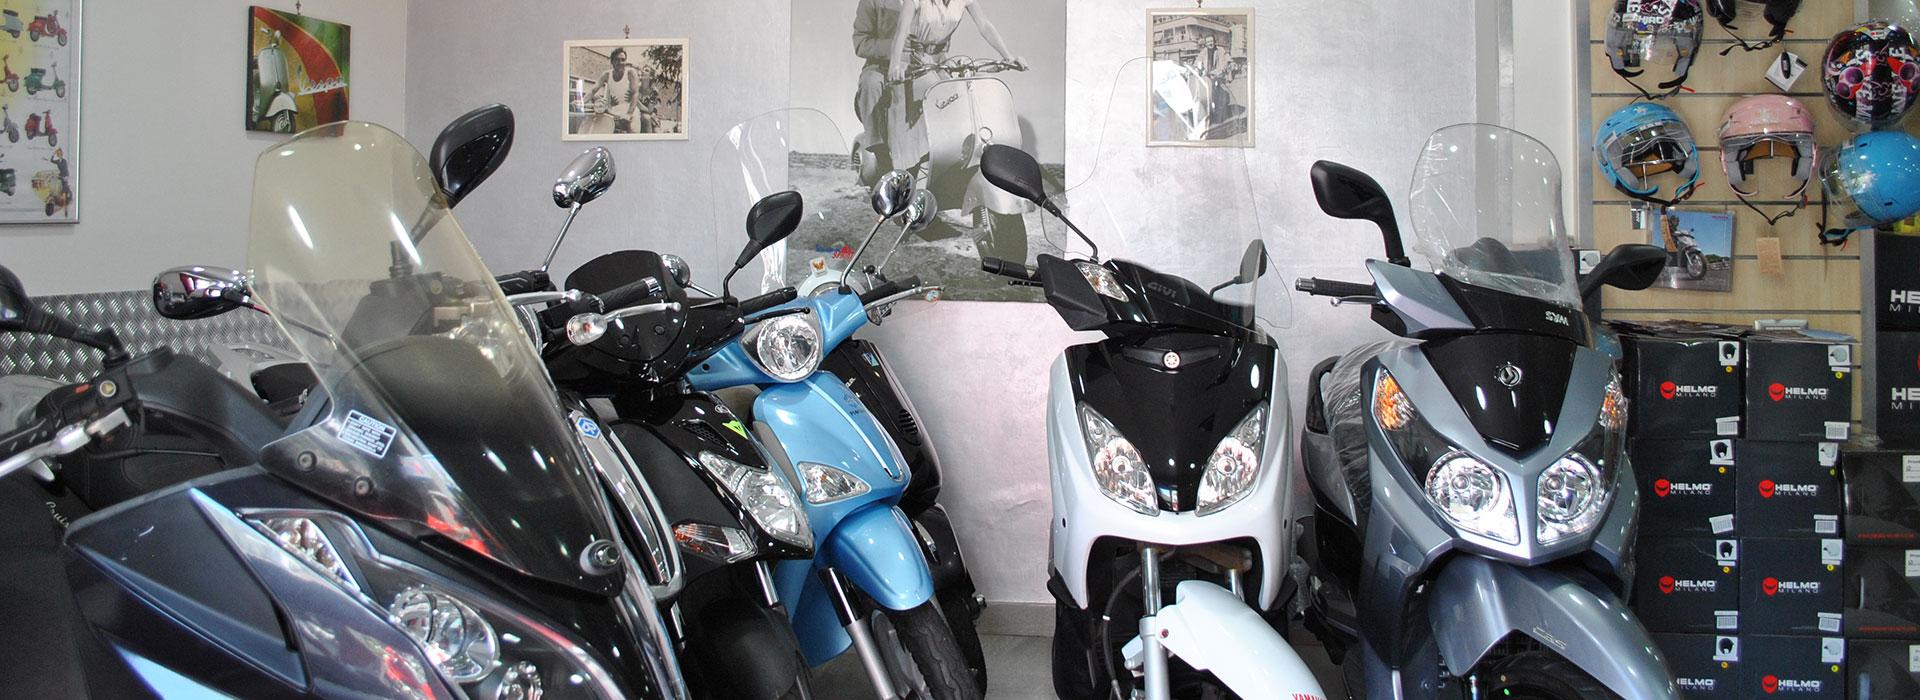 Vendita Scooter Piaggio Vespa Gilera Sym Honda Quadro Napoli